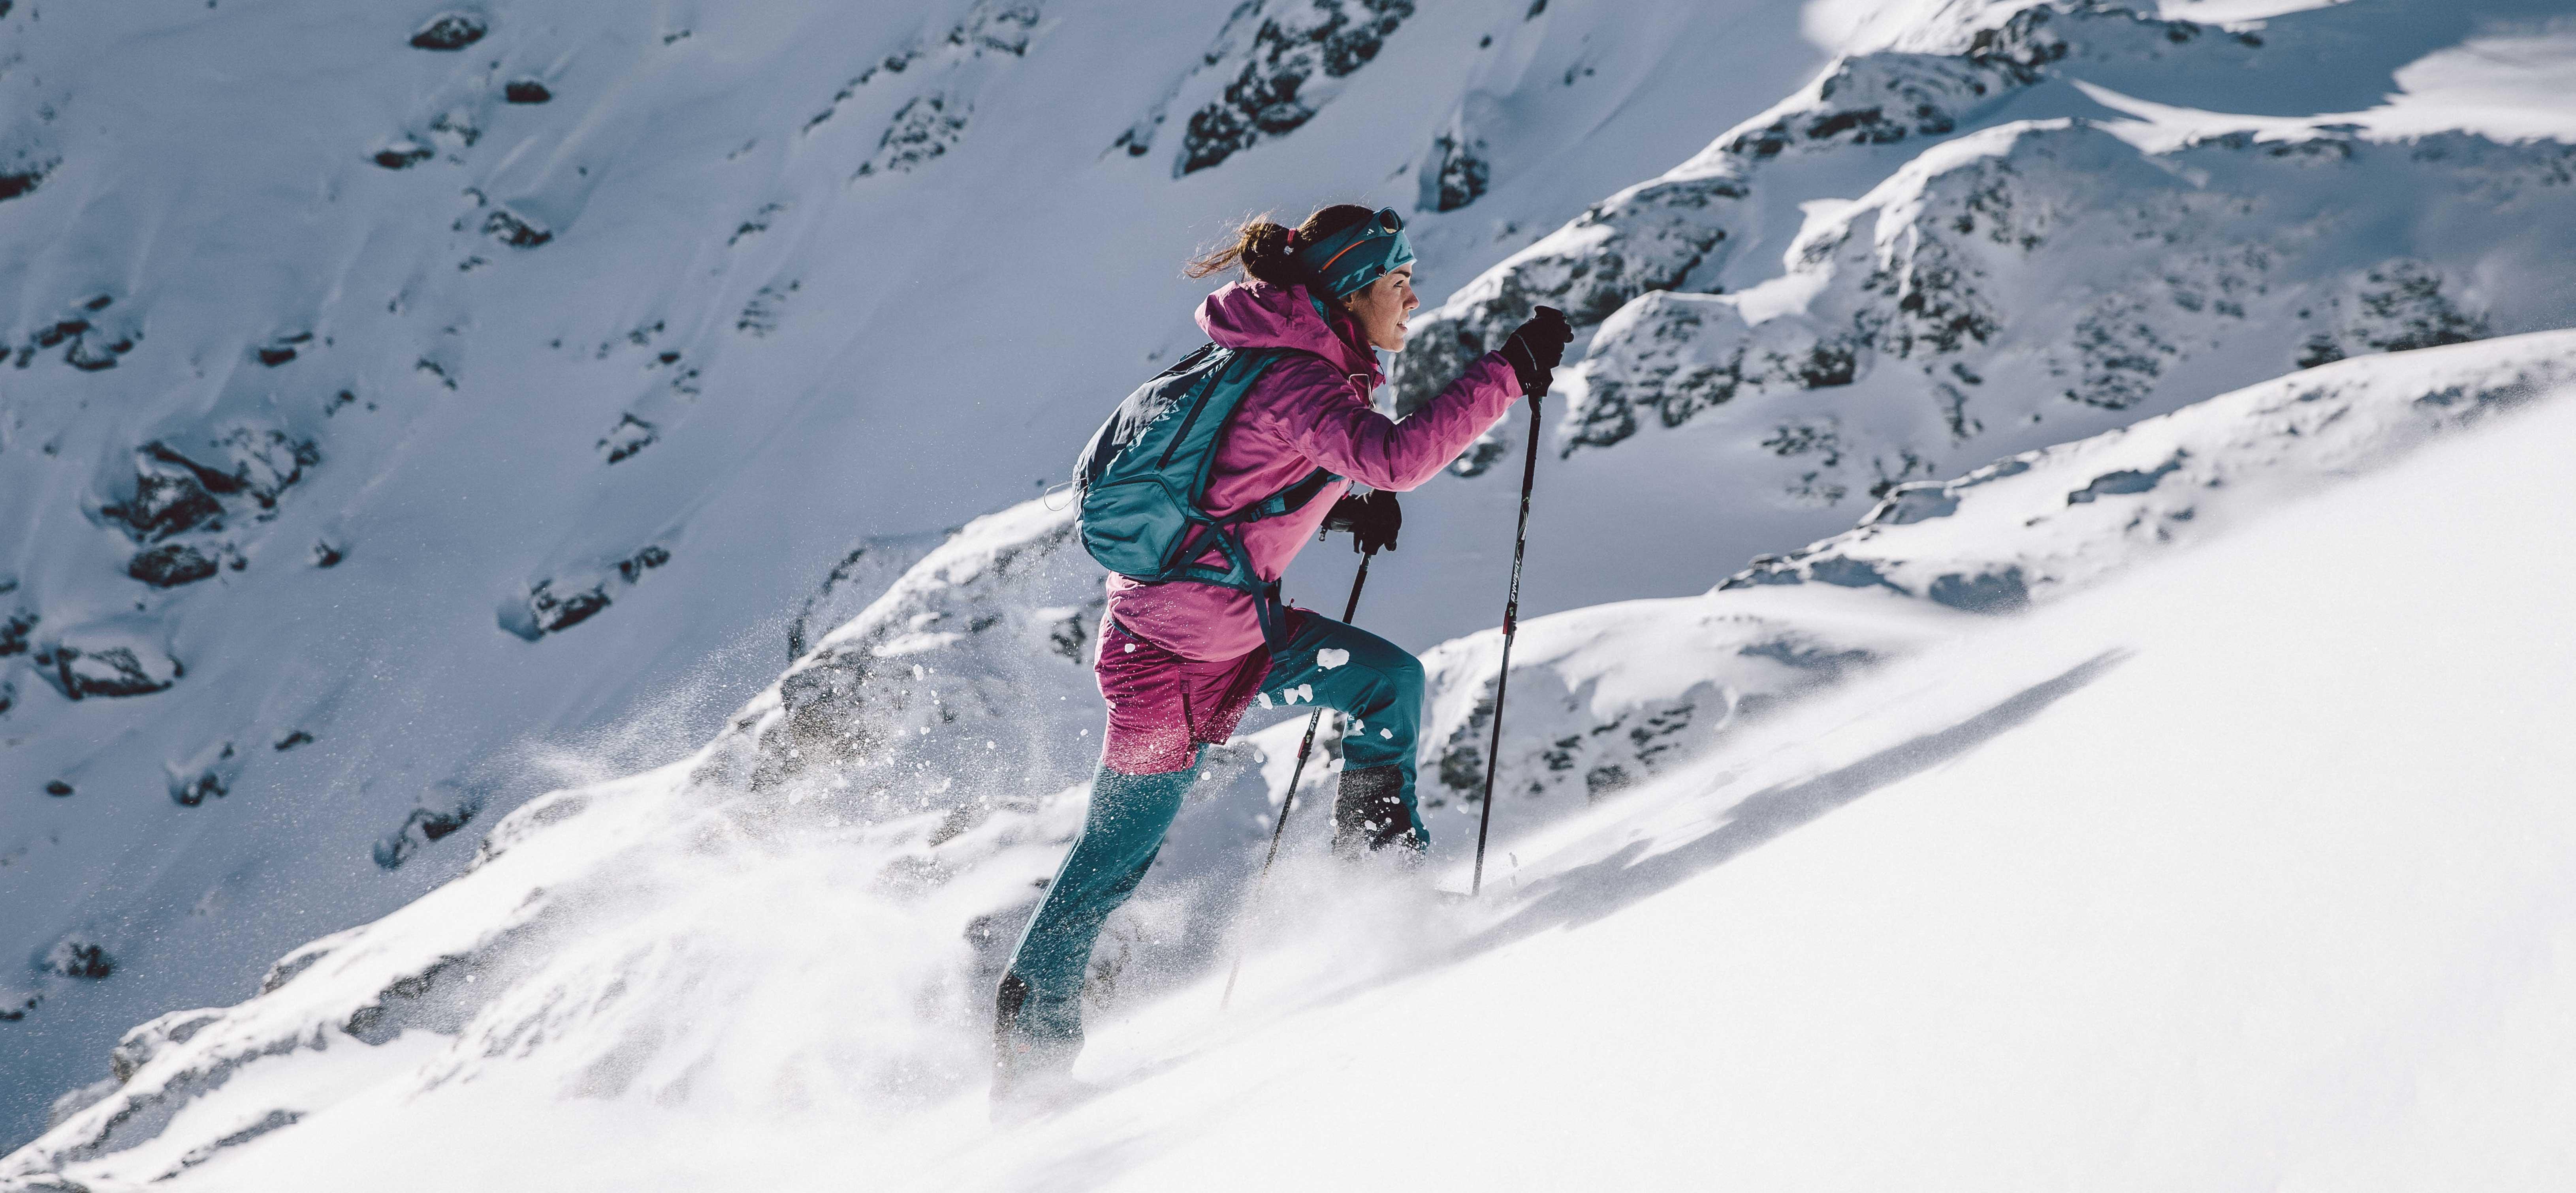 skitouren-guide-dynafit-aufstiegsorientiert